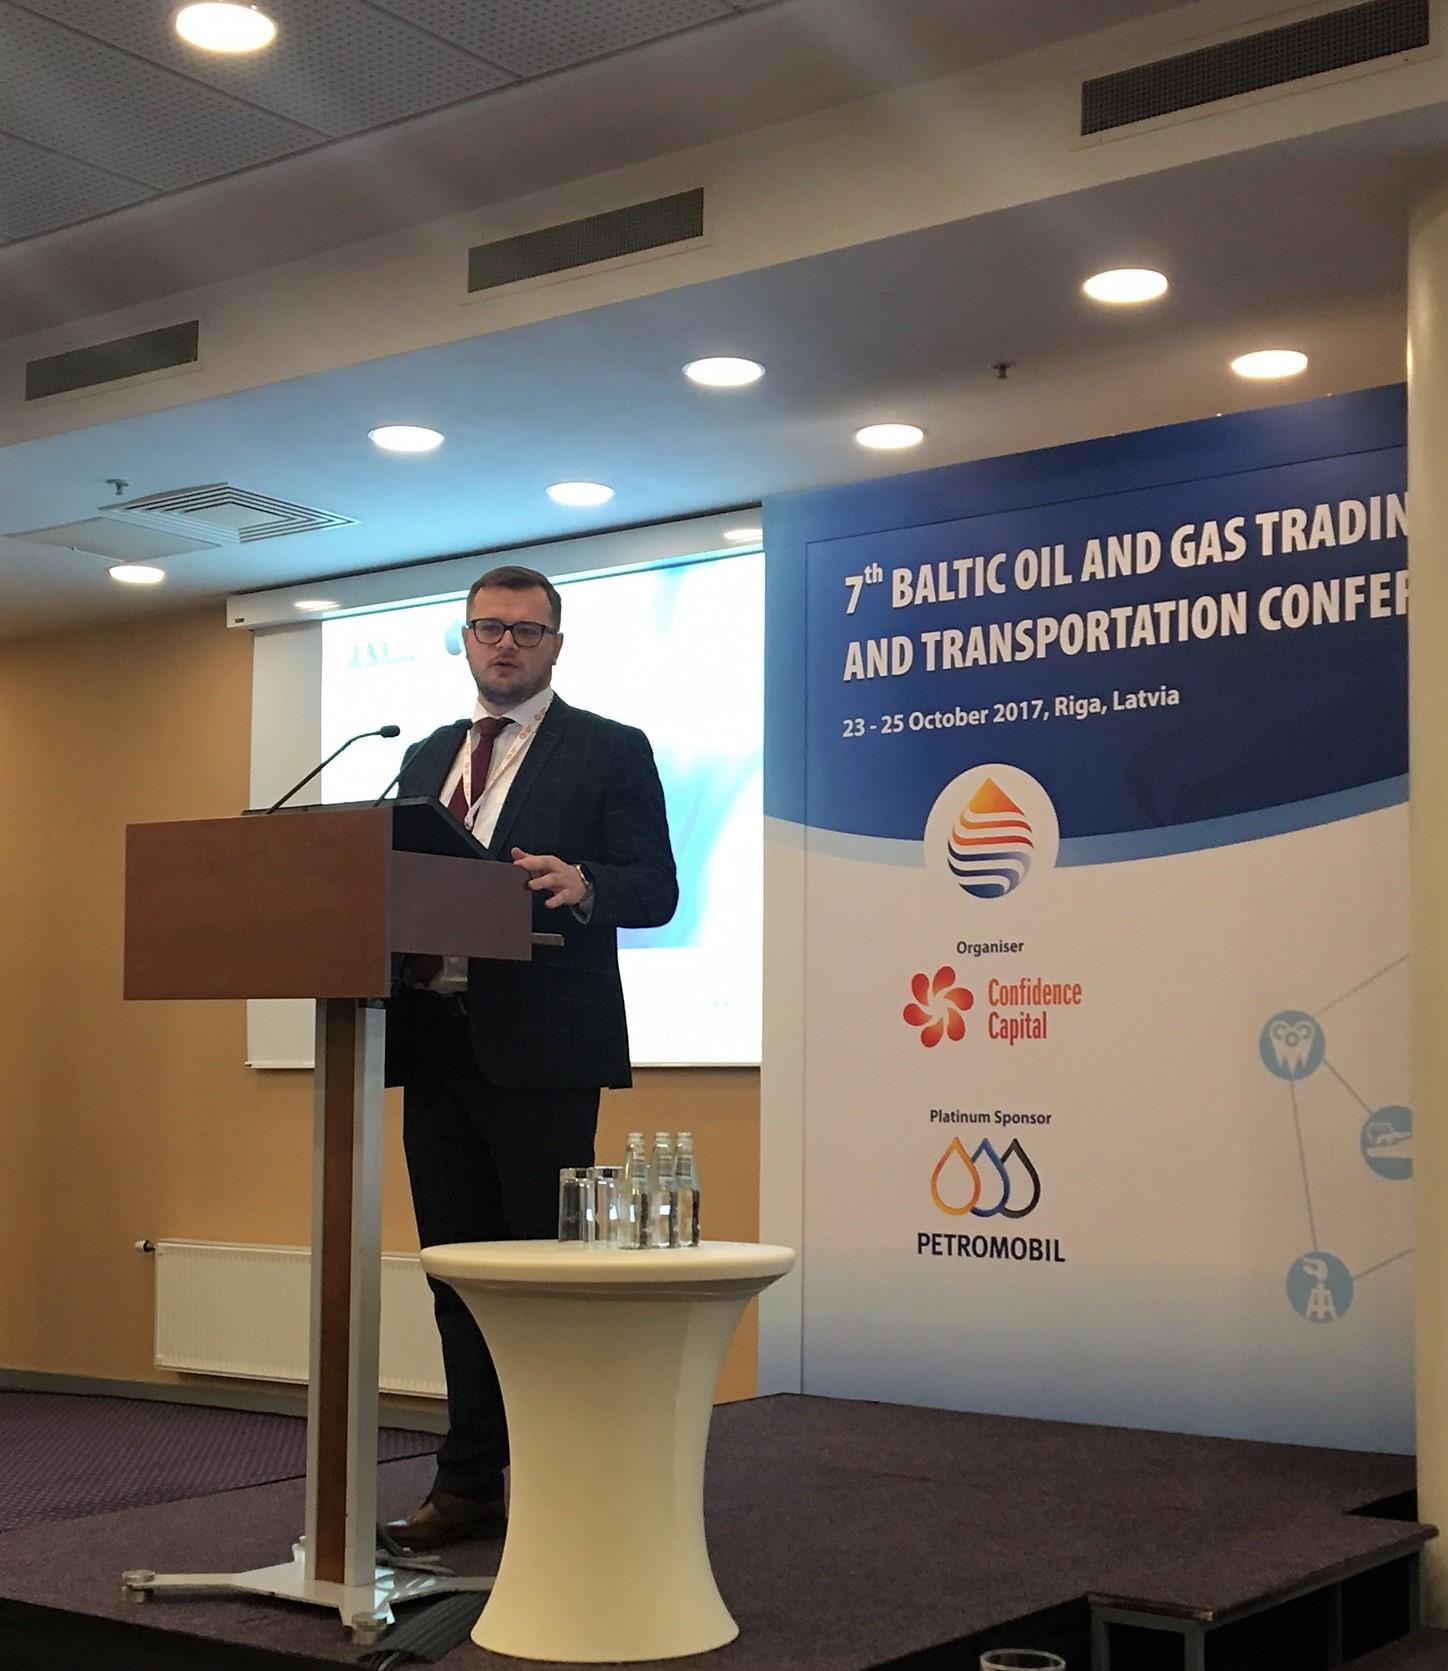 Укргазвидобування взяло участь у Балтійській нафтогазовій торгово-транспортній конференції